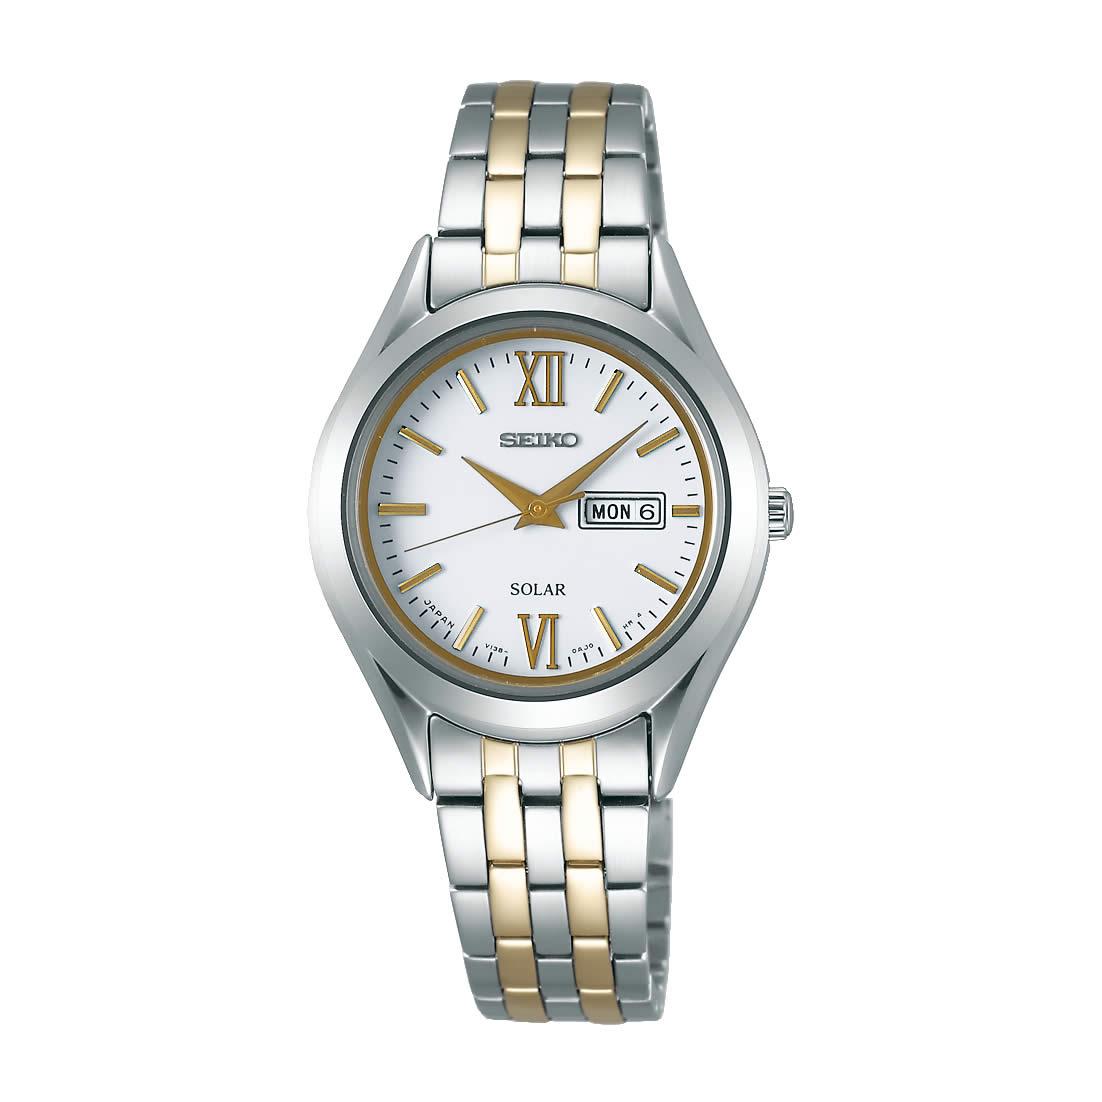 【送料無料】【国内正規品】セイコー スピリット SEIKO SPIRIT 腕時計 ソーラー レディース STPX033 日常生活用防水 ビジネス シンプル ソーラー腕時計 きれいめ 人気 うでどけい とけい WATCH 時計【取り寄せ】